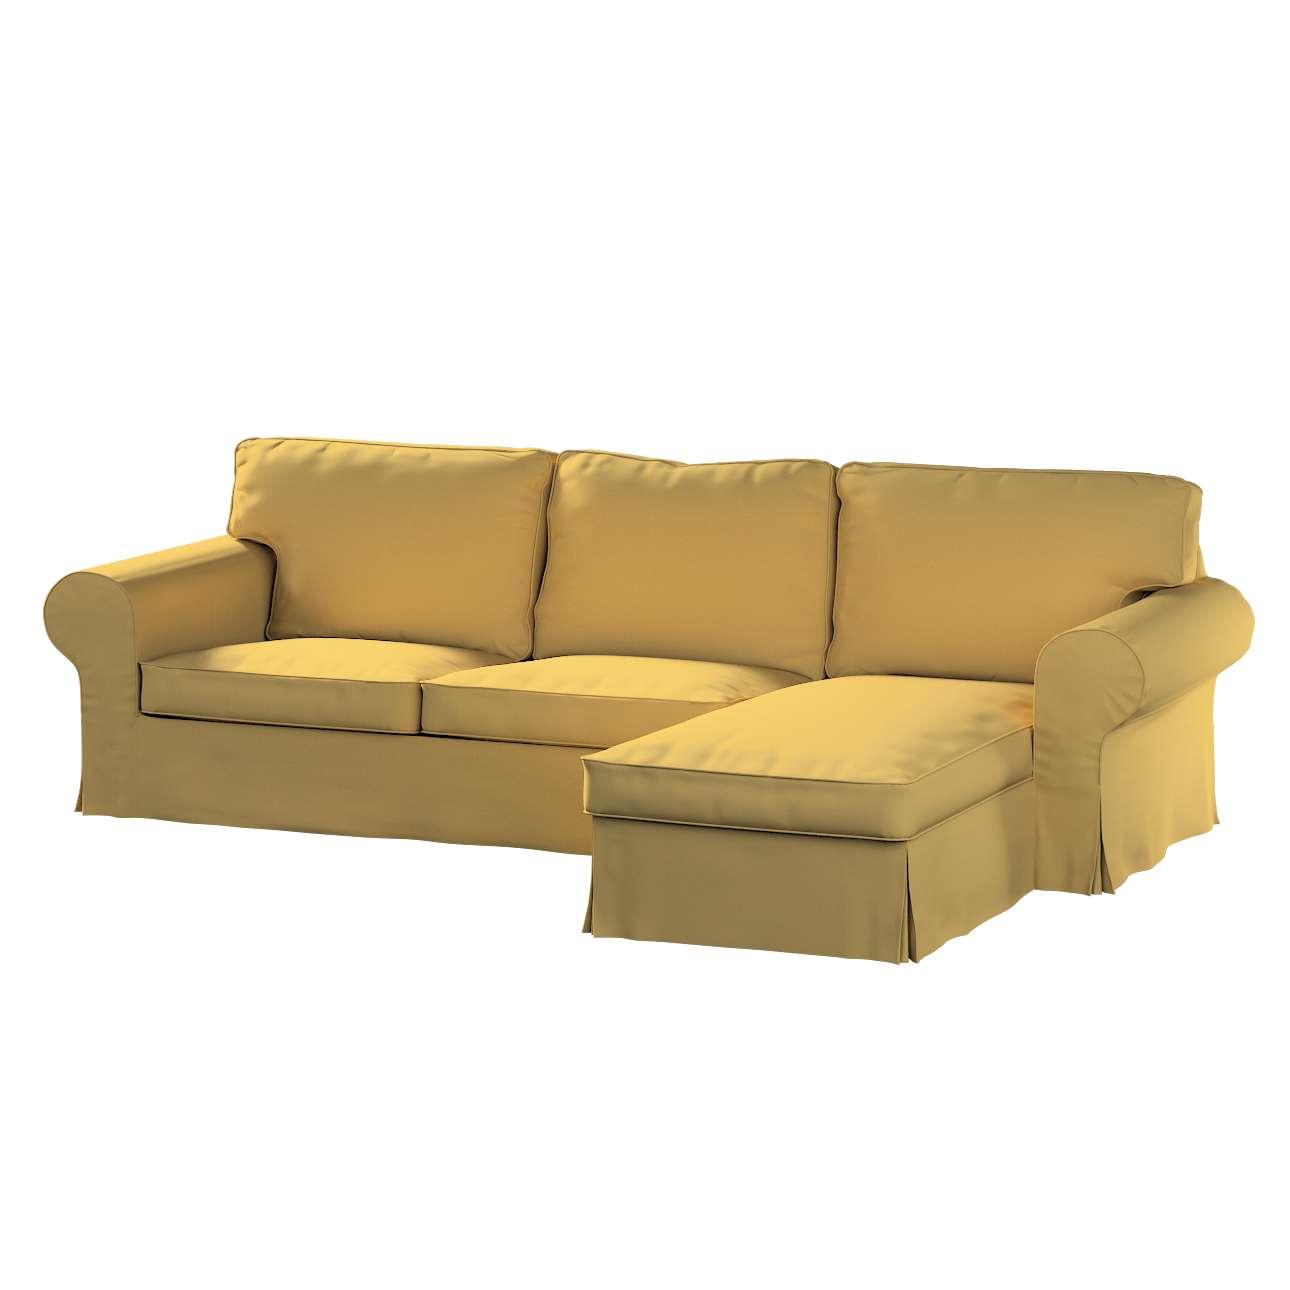 Pokrowiec na sofę Ektorp 2-osobową i leżankę w kolekcji Cotton Panama, tkanina: 702-41